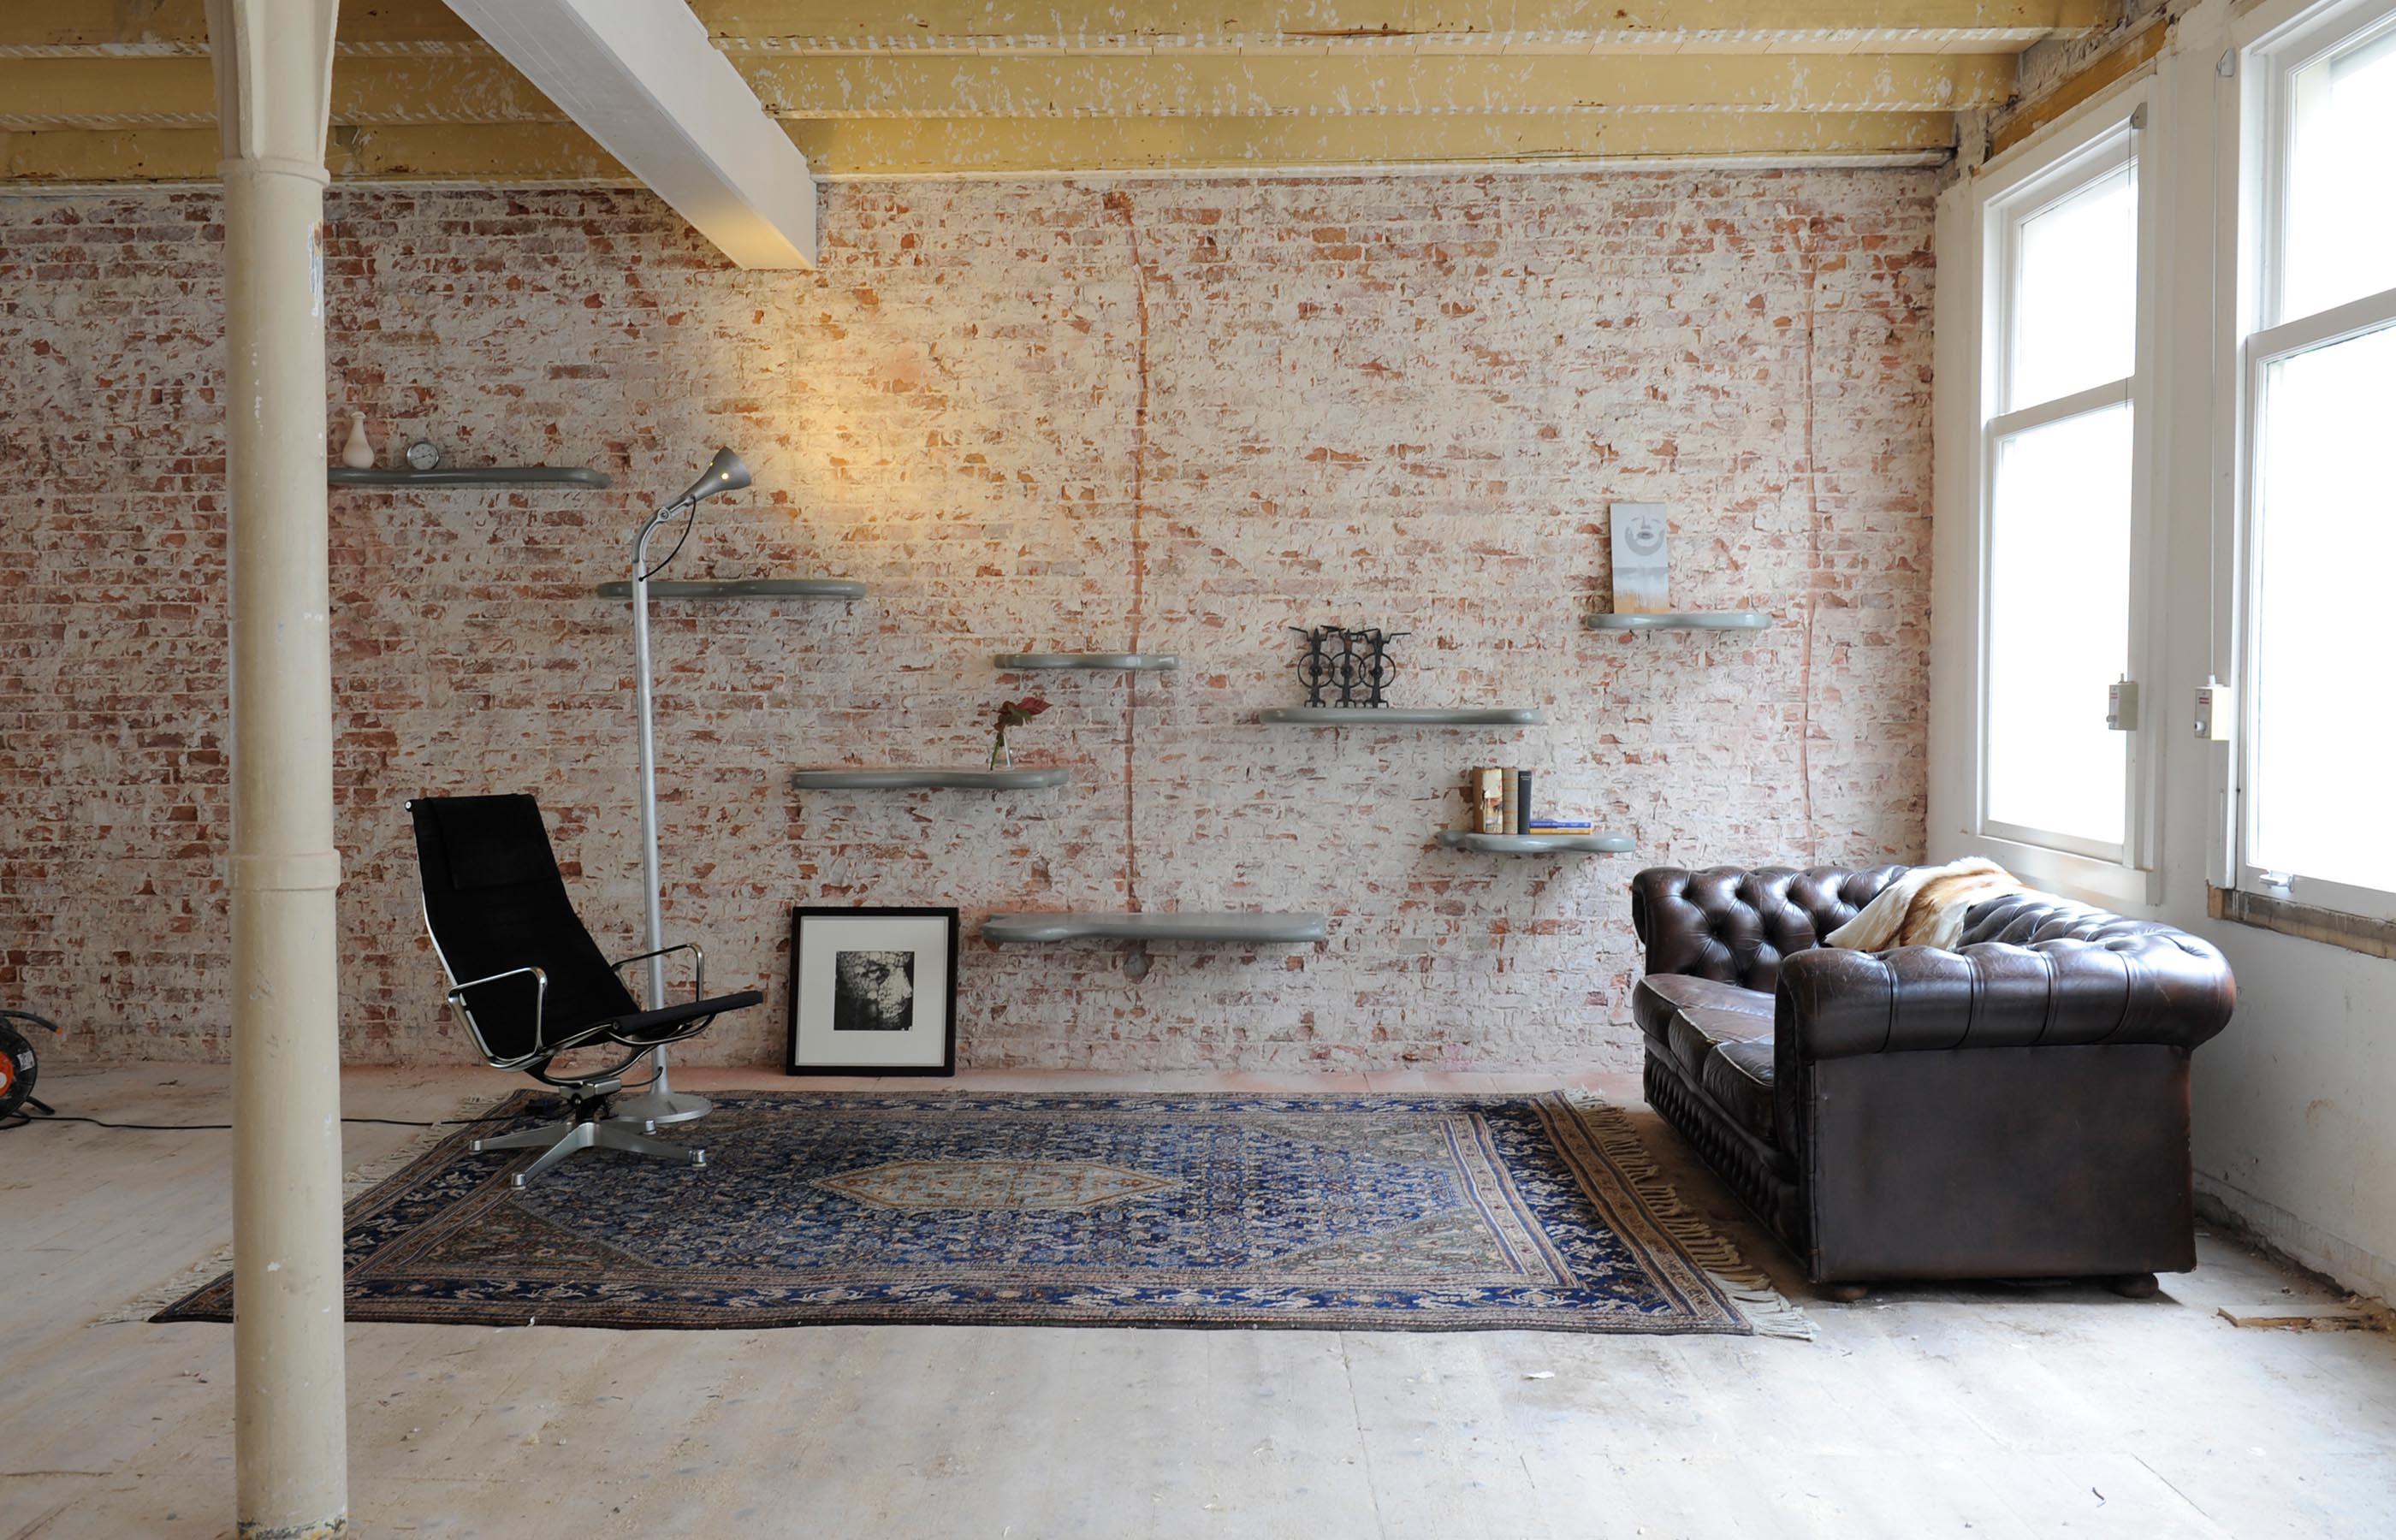 Interieurontwerper Den Haag : Elfshelves opbergen in stijl interieurontwerper cris van amsterdam